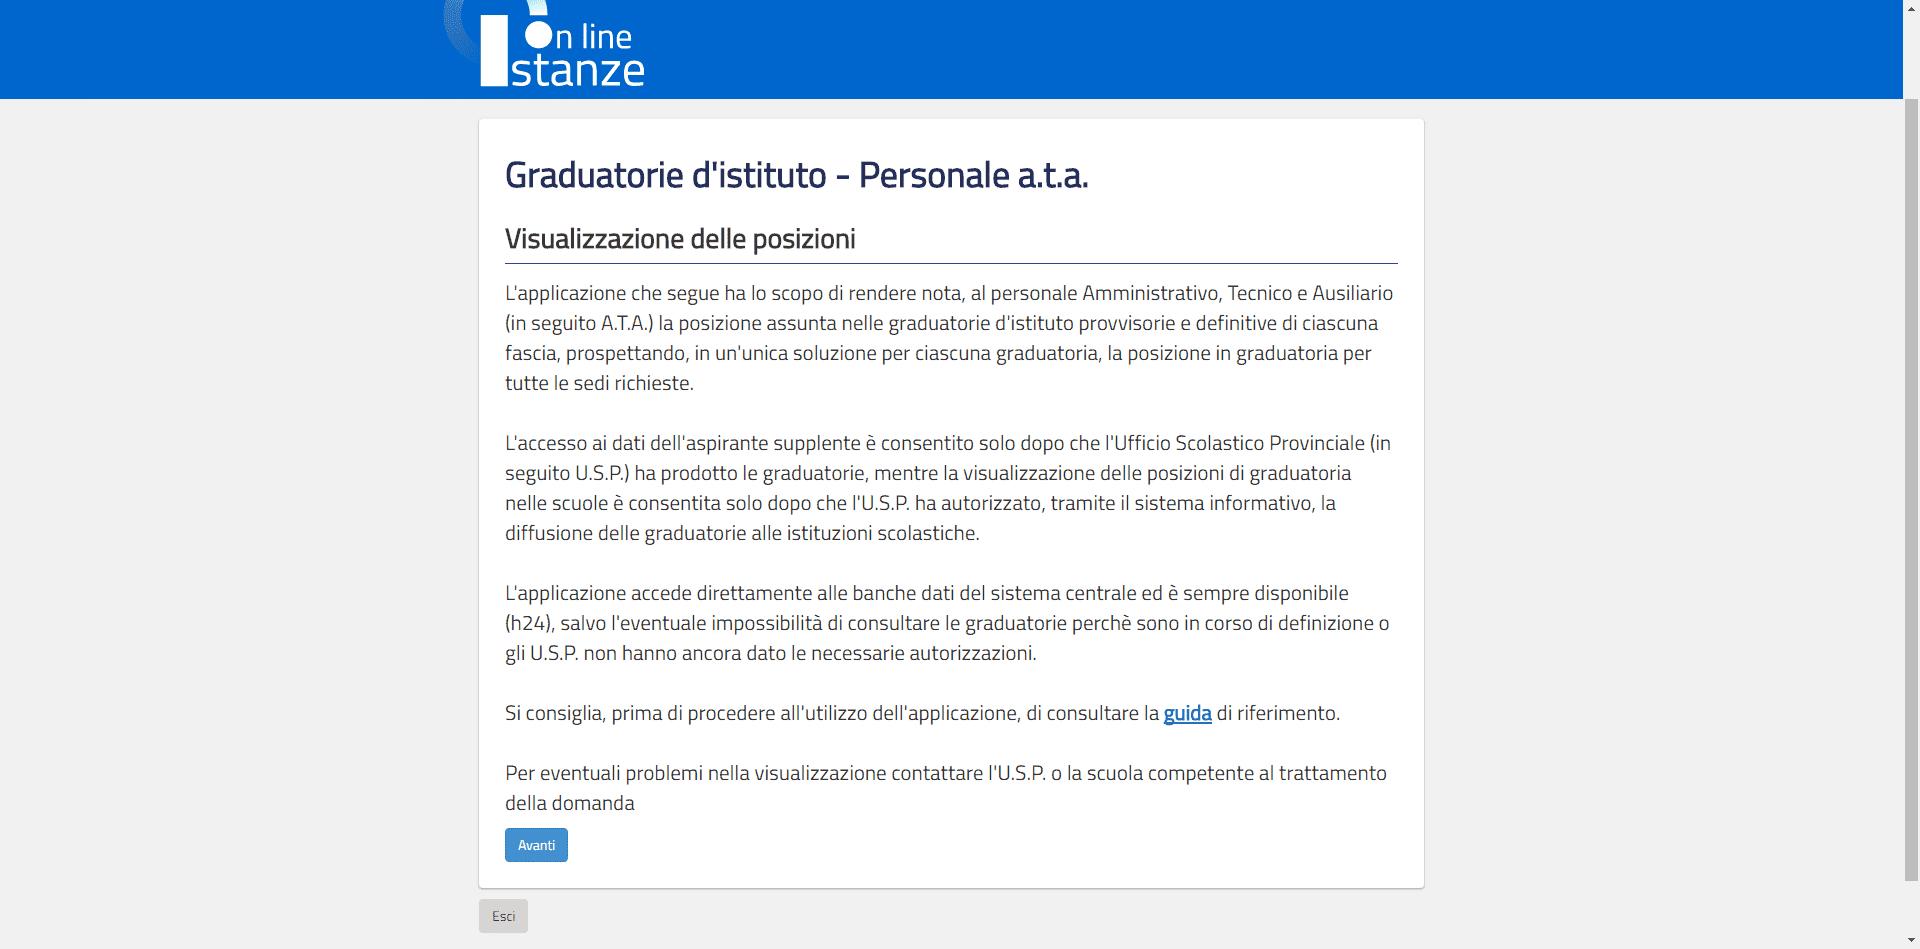 Graduatoria di istituto e personale ata